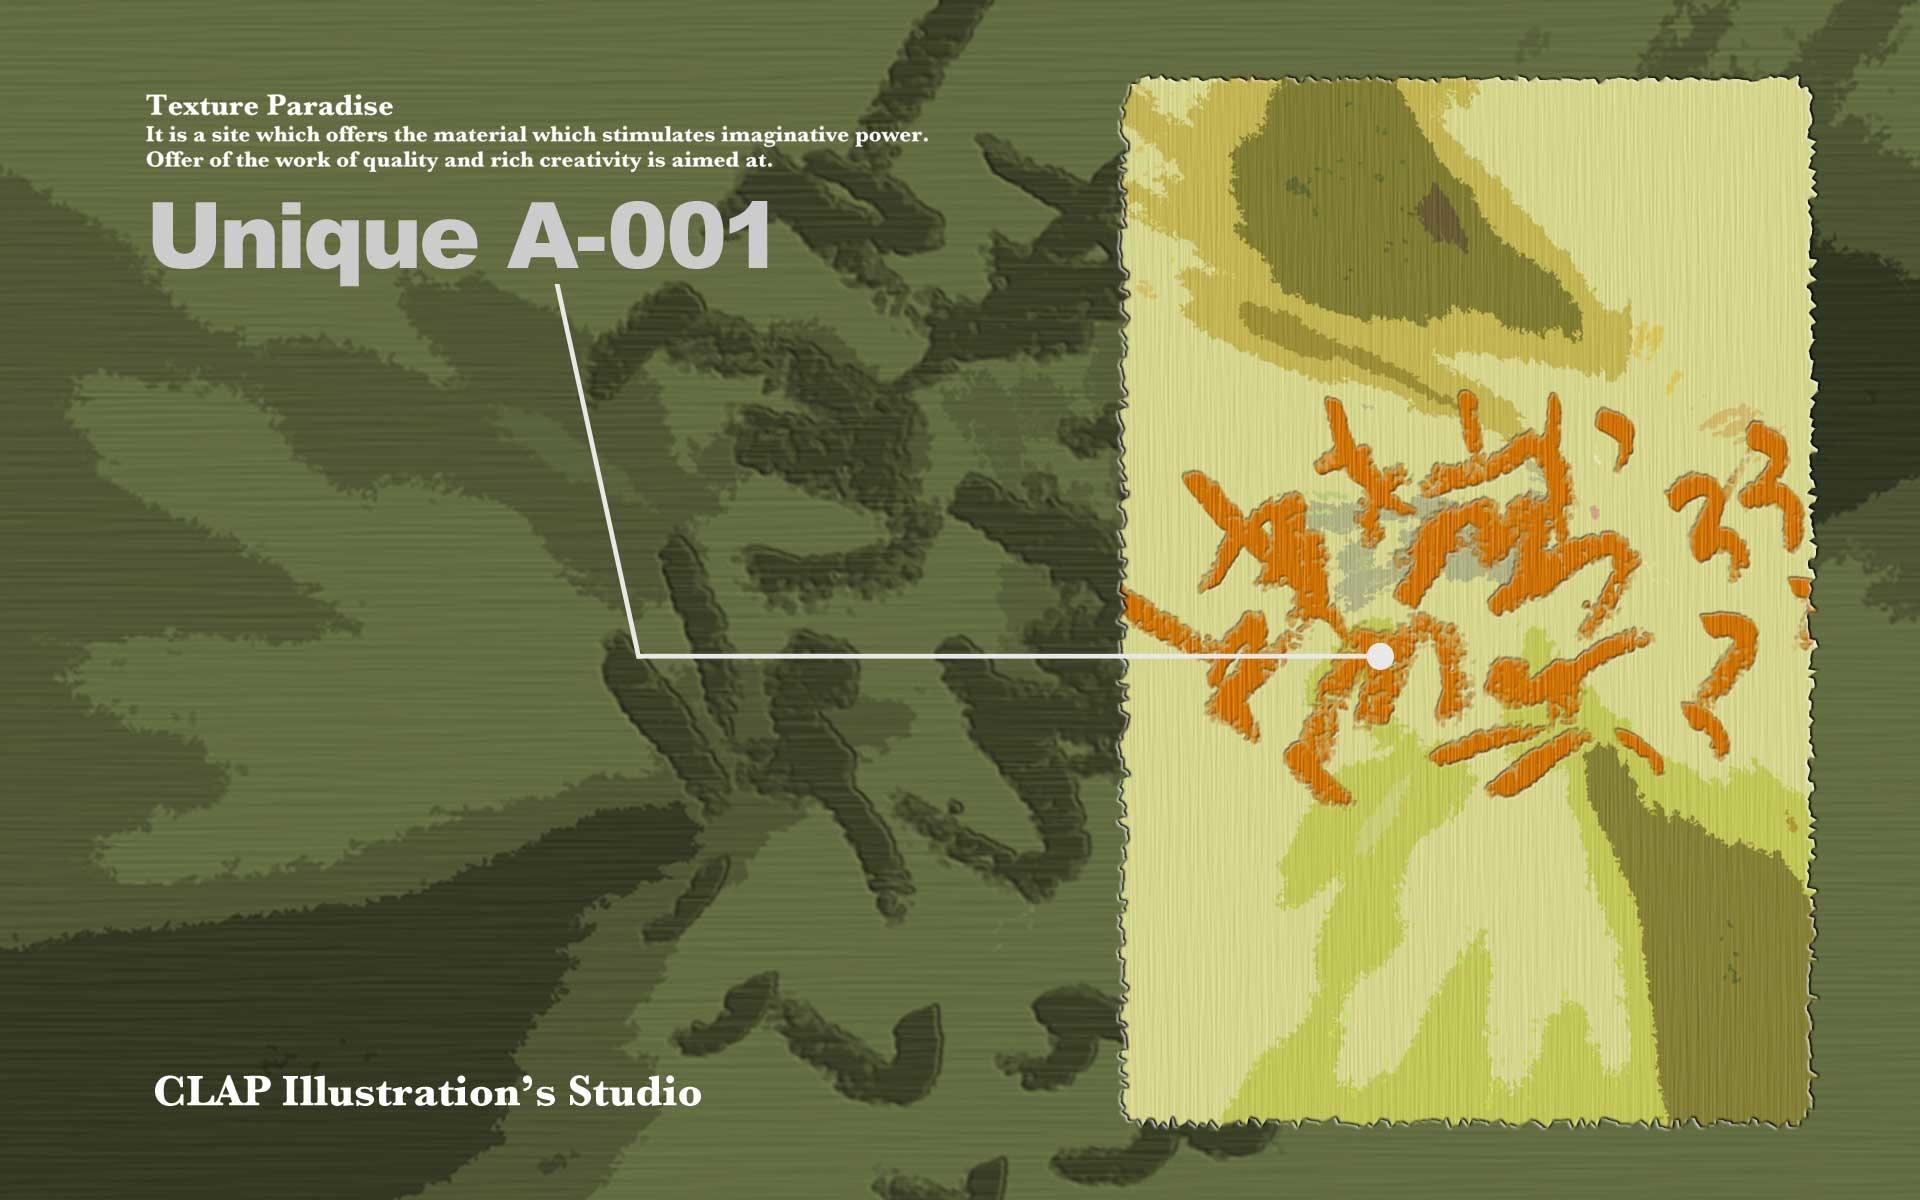 a001_1920x1200.jpg